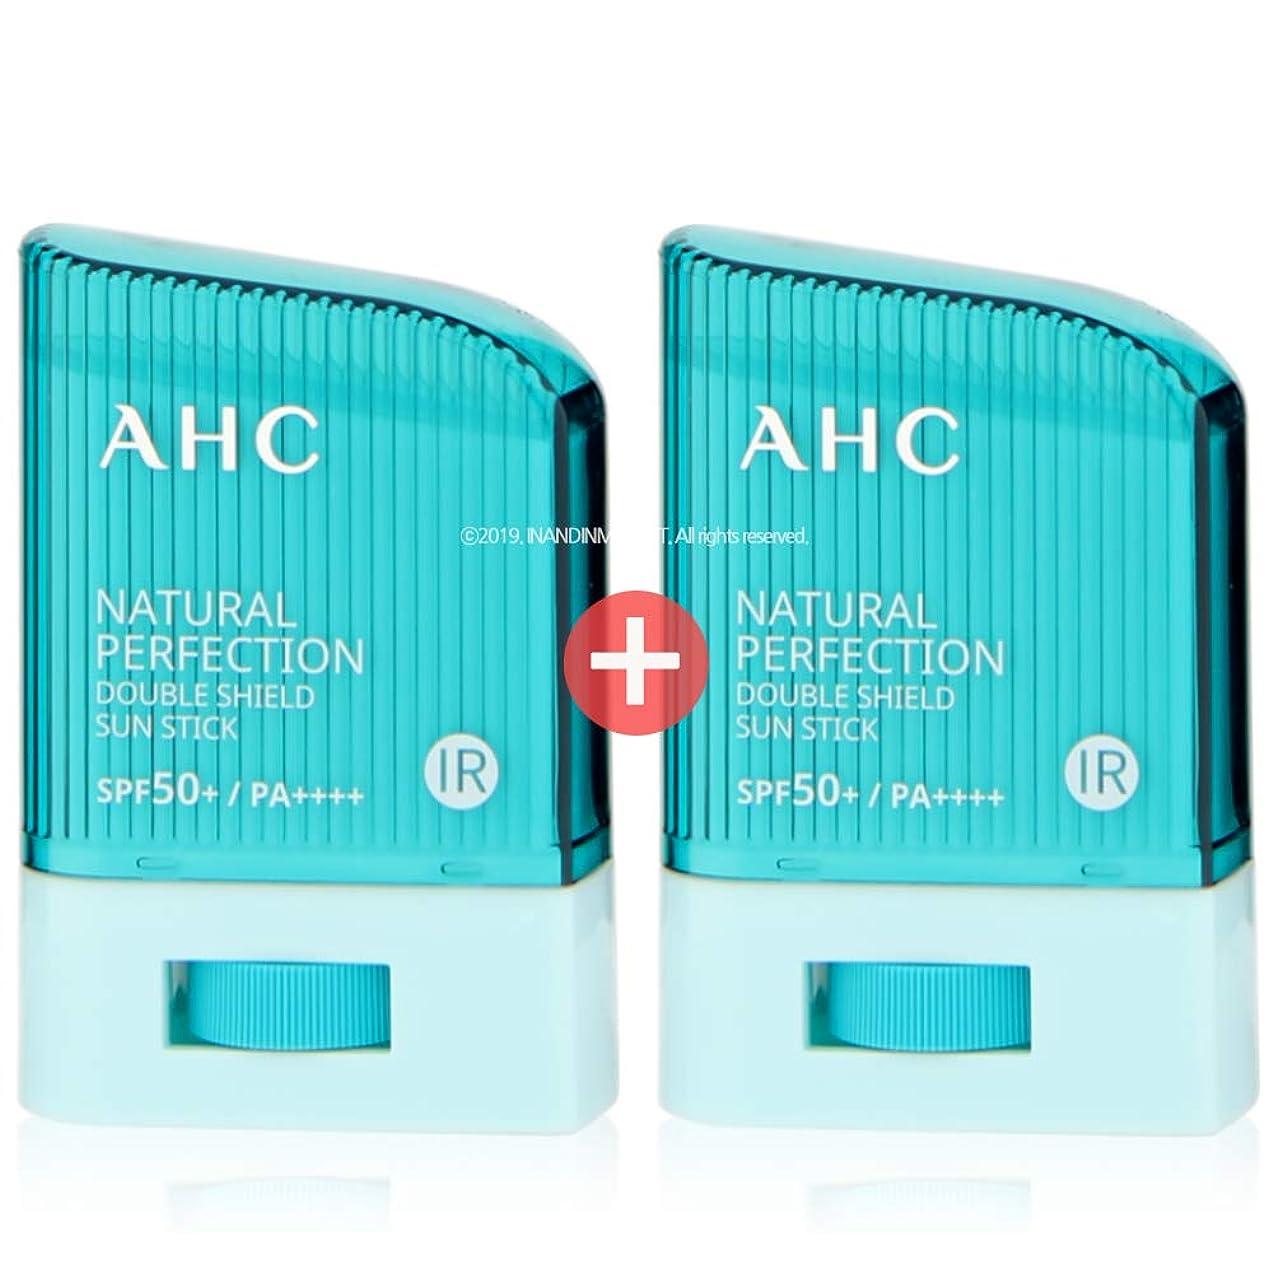 扇動するずんぐりした摂氏[ 1+1 ] AHC ナチュラルパーフェクションダブルシールドサンスティック 14g, Natural Perfection Double Shield Sun Stick SPF50+ PA++++